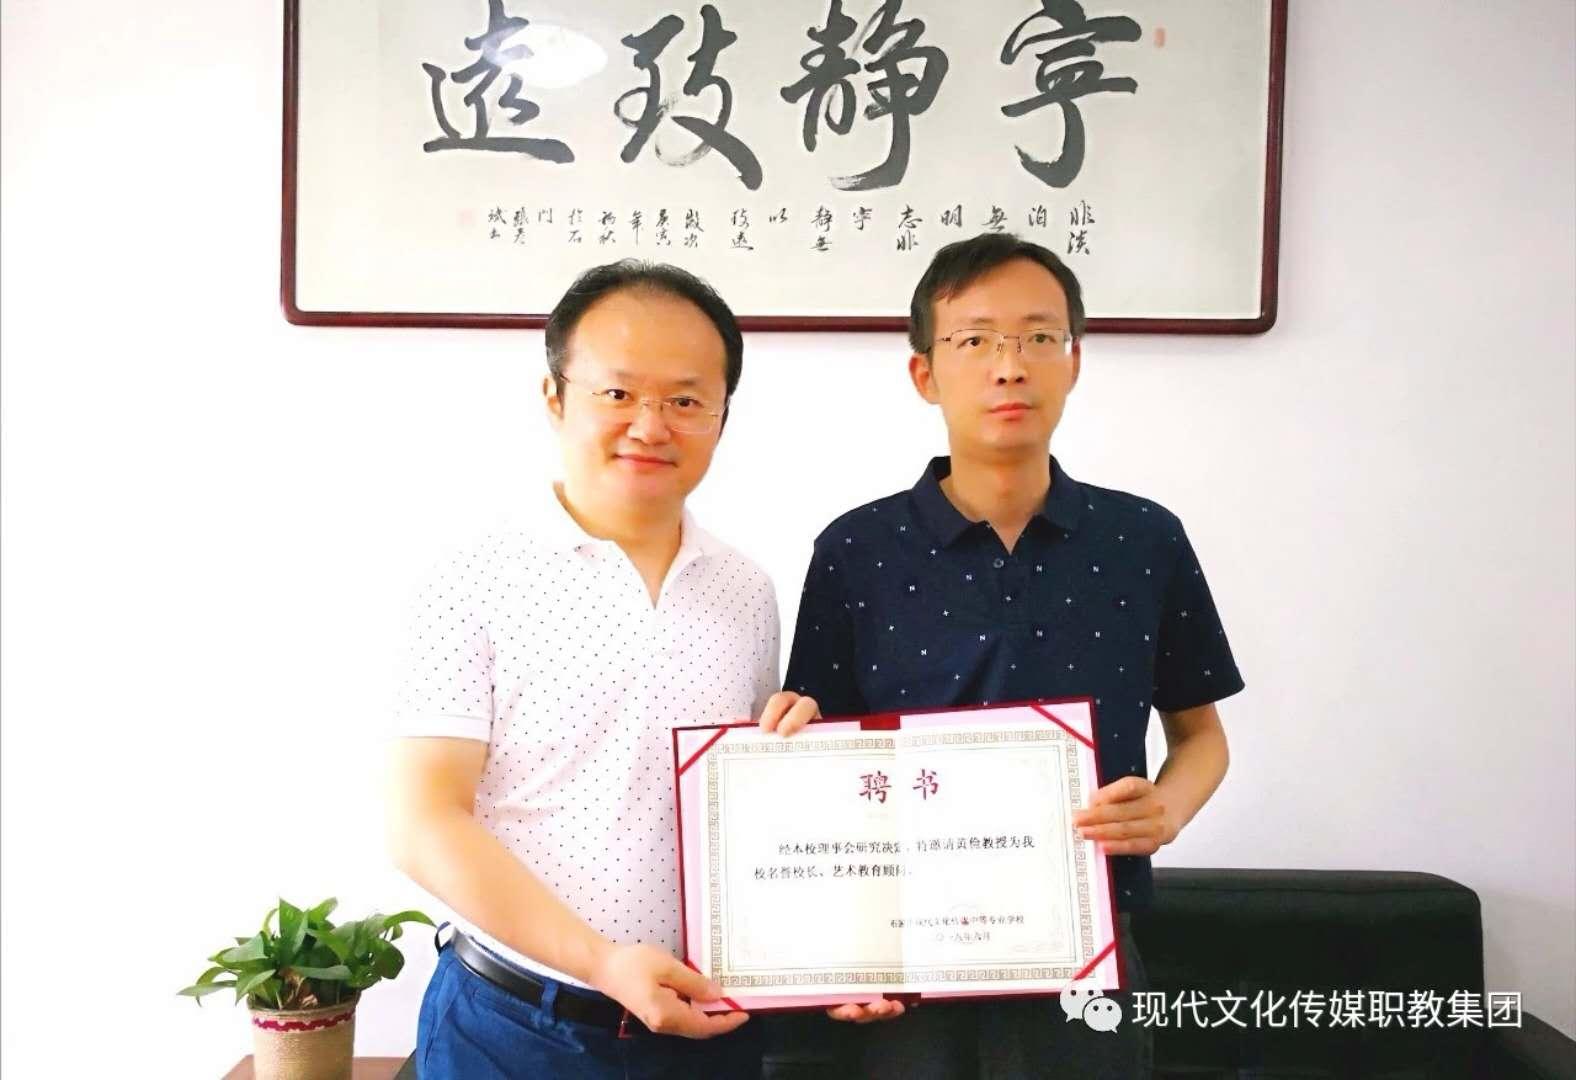 全國學校美育聯盟秘書長、中國藝術節基金會副秘書長、中國舞蹈家協會